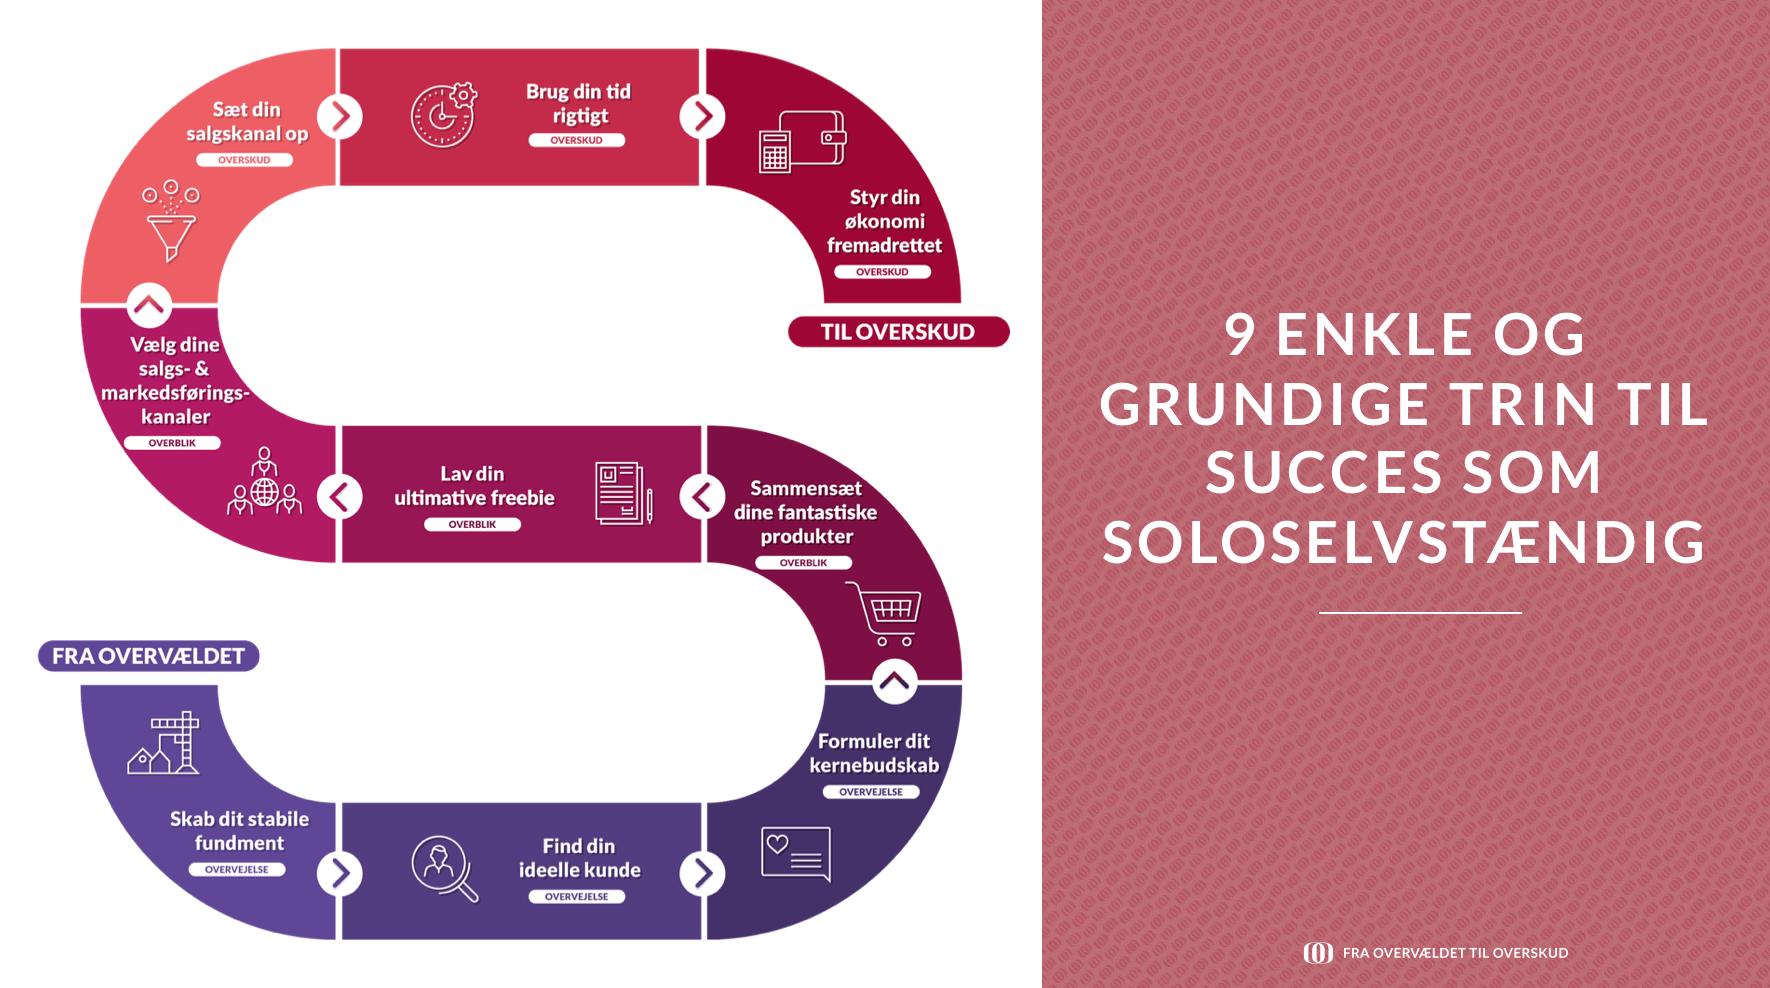 9 enkle og grundige trin til succes som soloselvstændig